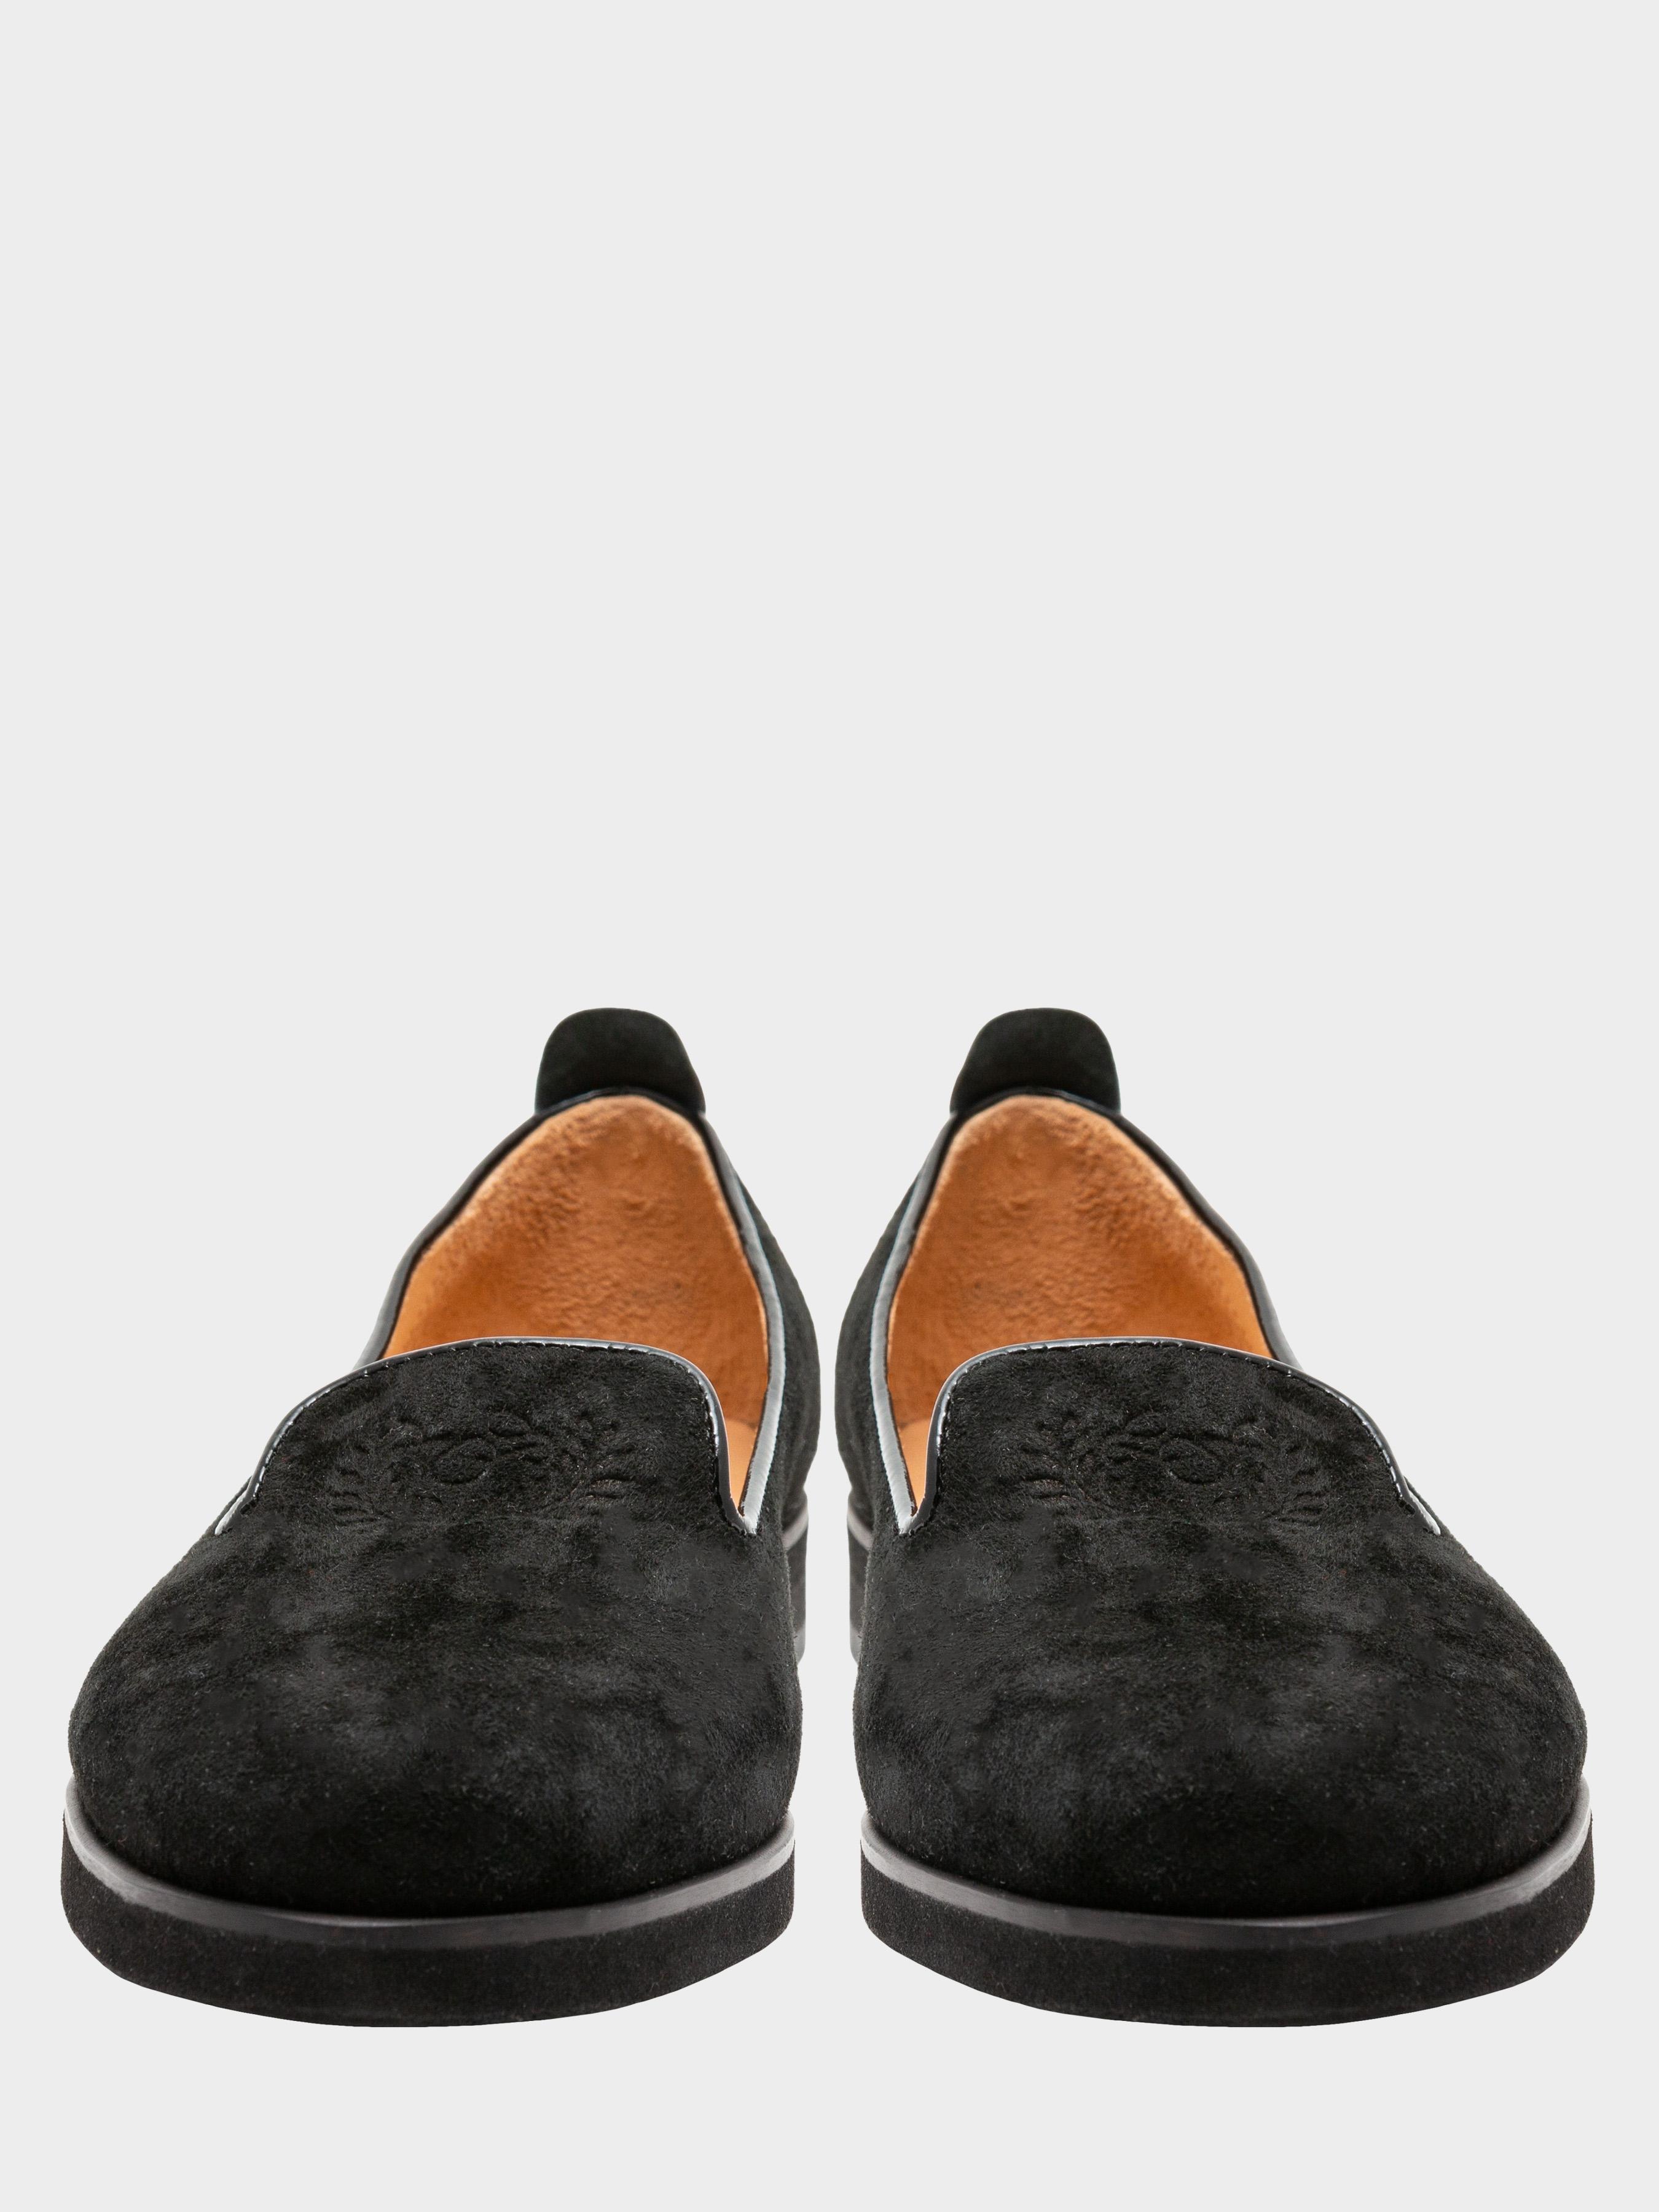 Туфли для женщин Туфли женские ENZO VERRATTI 18-7374 модная обувь, 2017